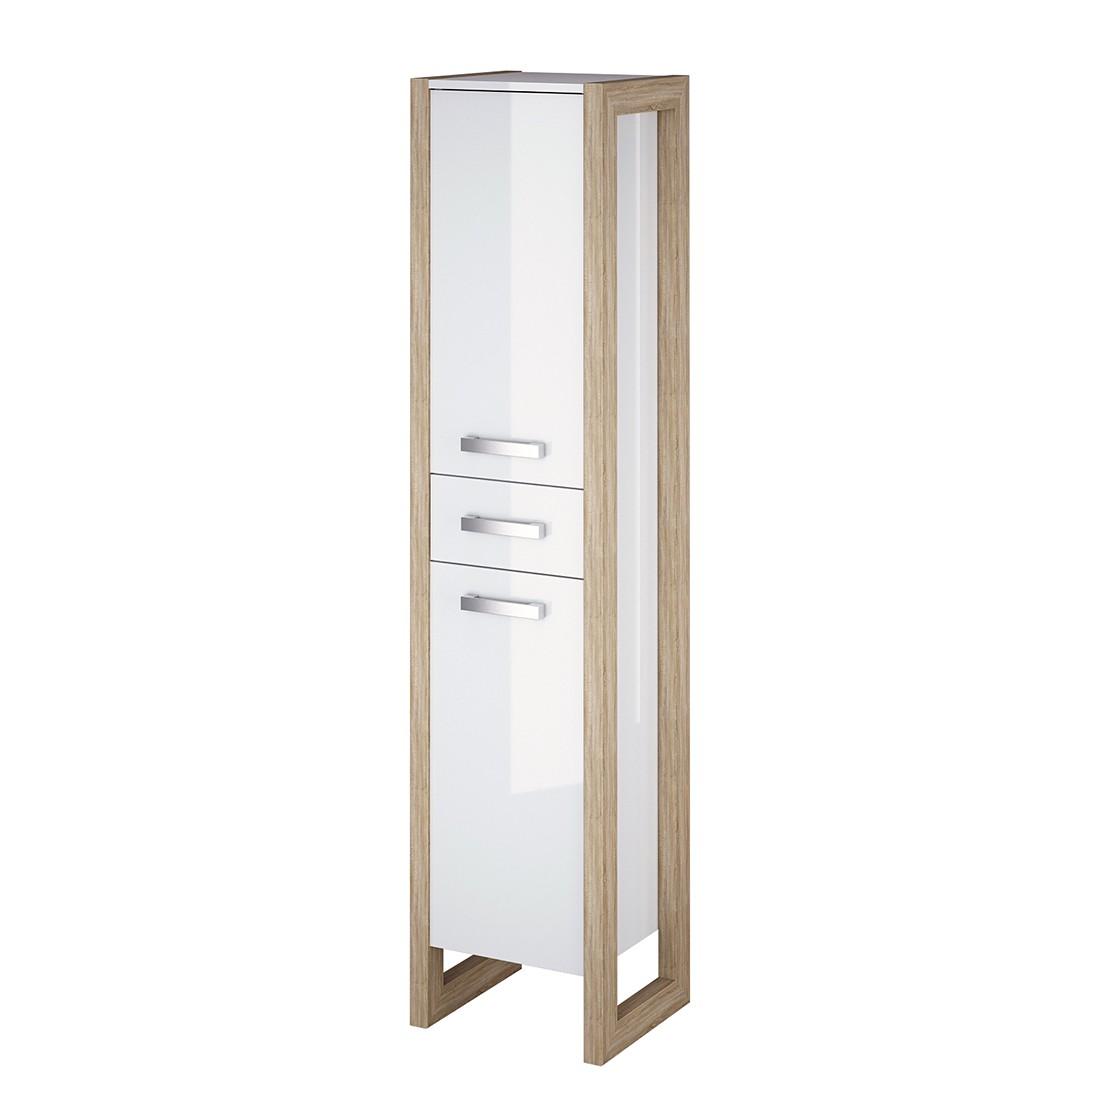 Mobiletto Kolind - Bianco lucido/Effetto quercia Sonoma Armadietto di media altezza Kolind - Bianco lucido/ Effetto quercia di Sonoma, Schildmeyer